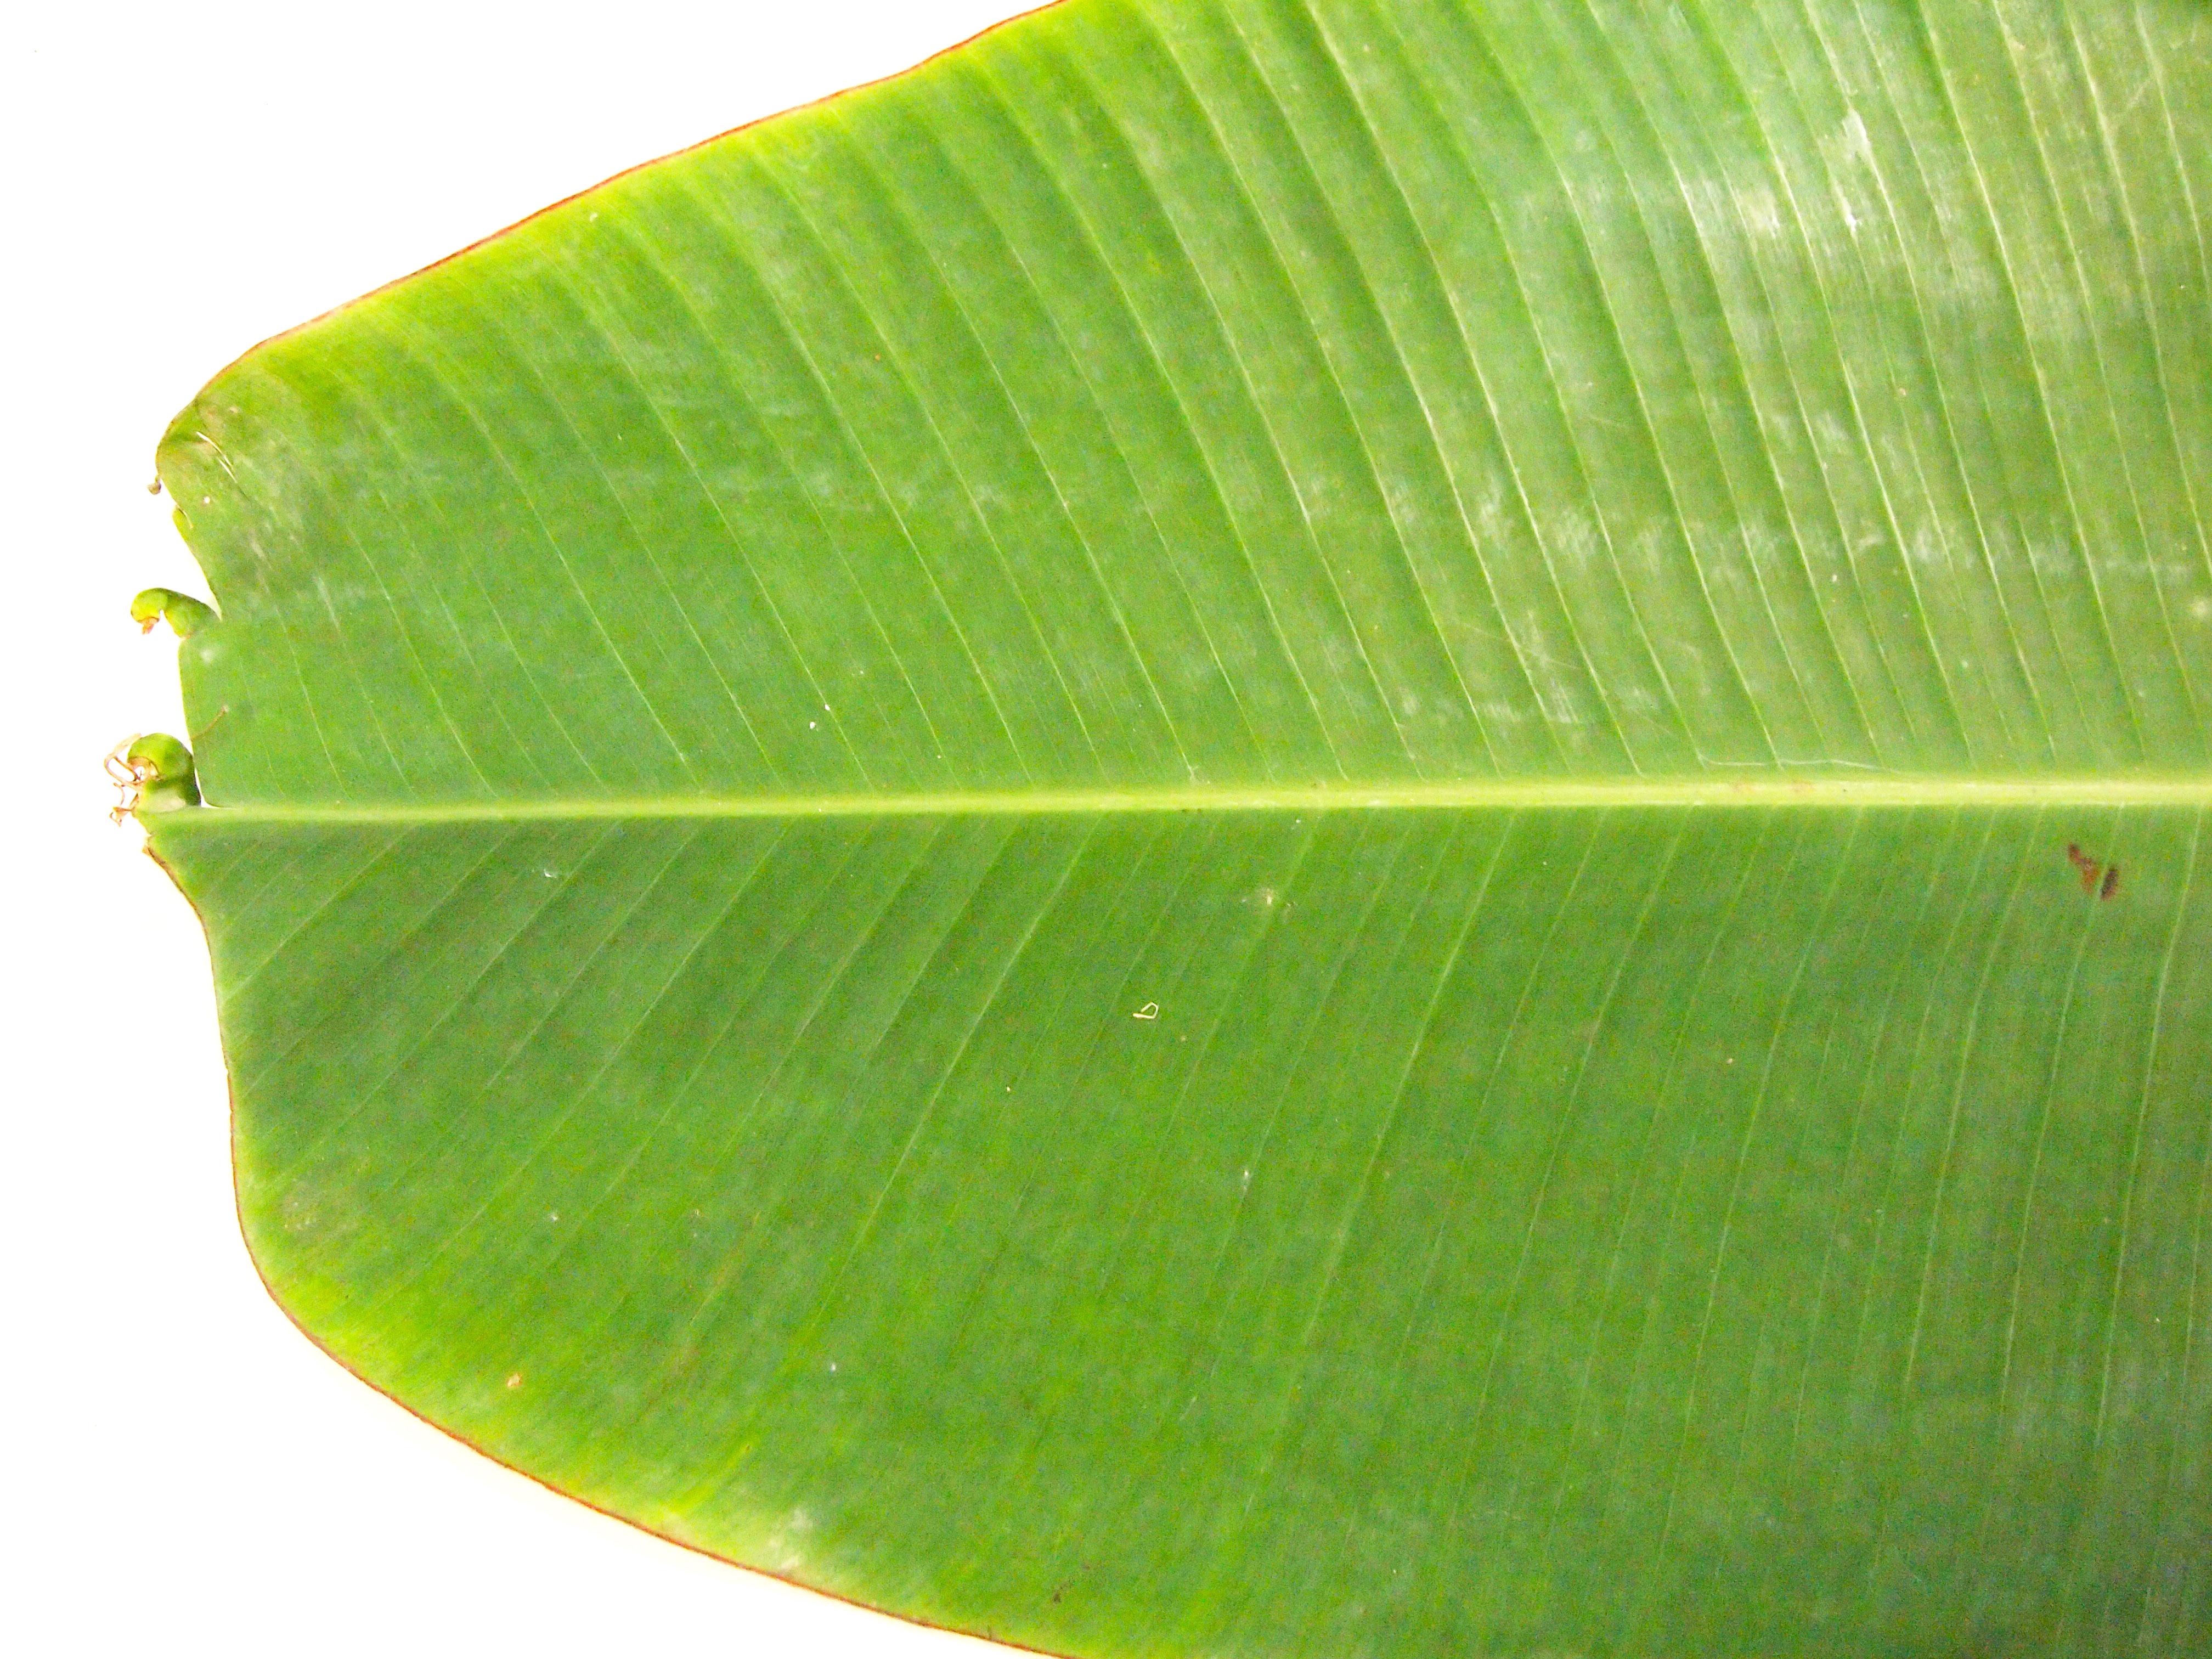 Banana Leaf Texture Quot 4032x3024